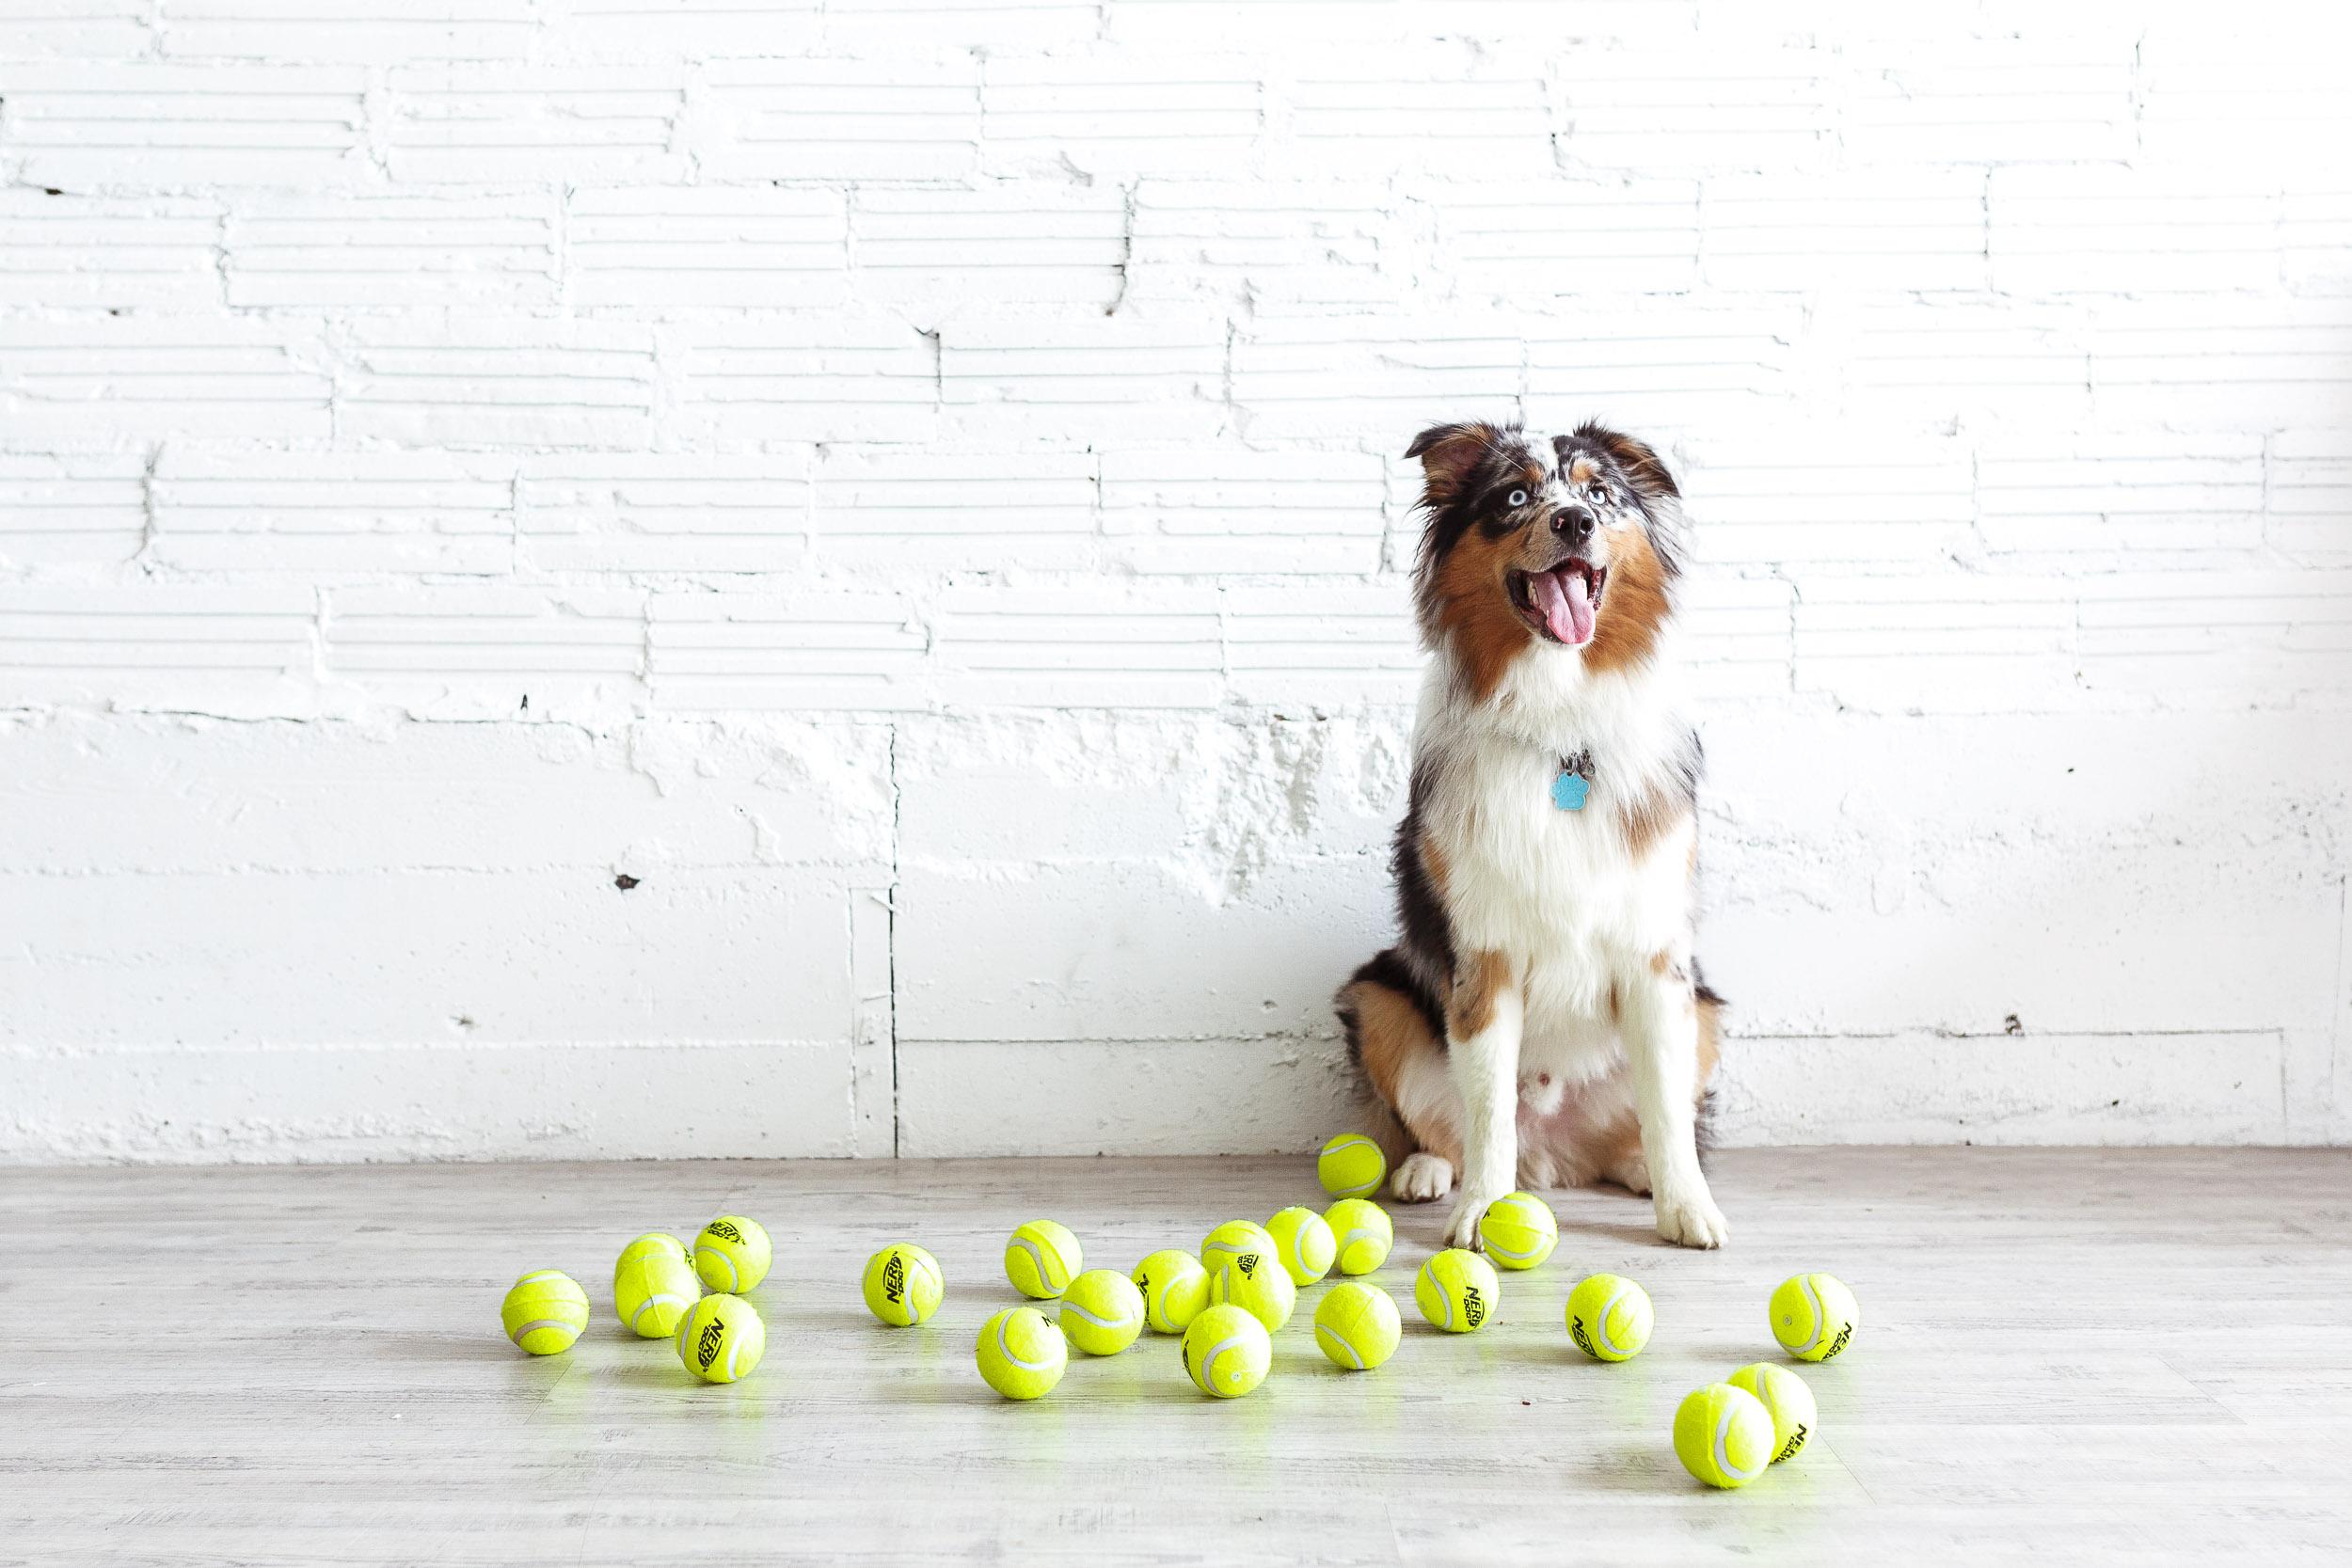 dog sitting next to tennis balls